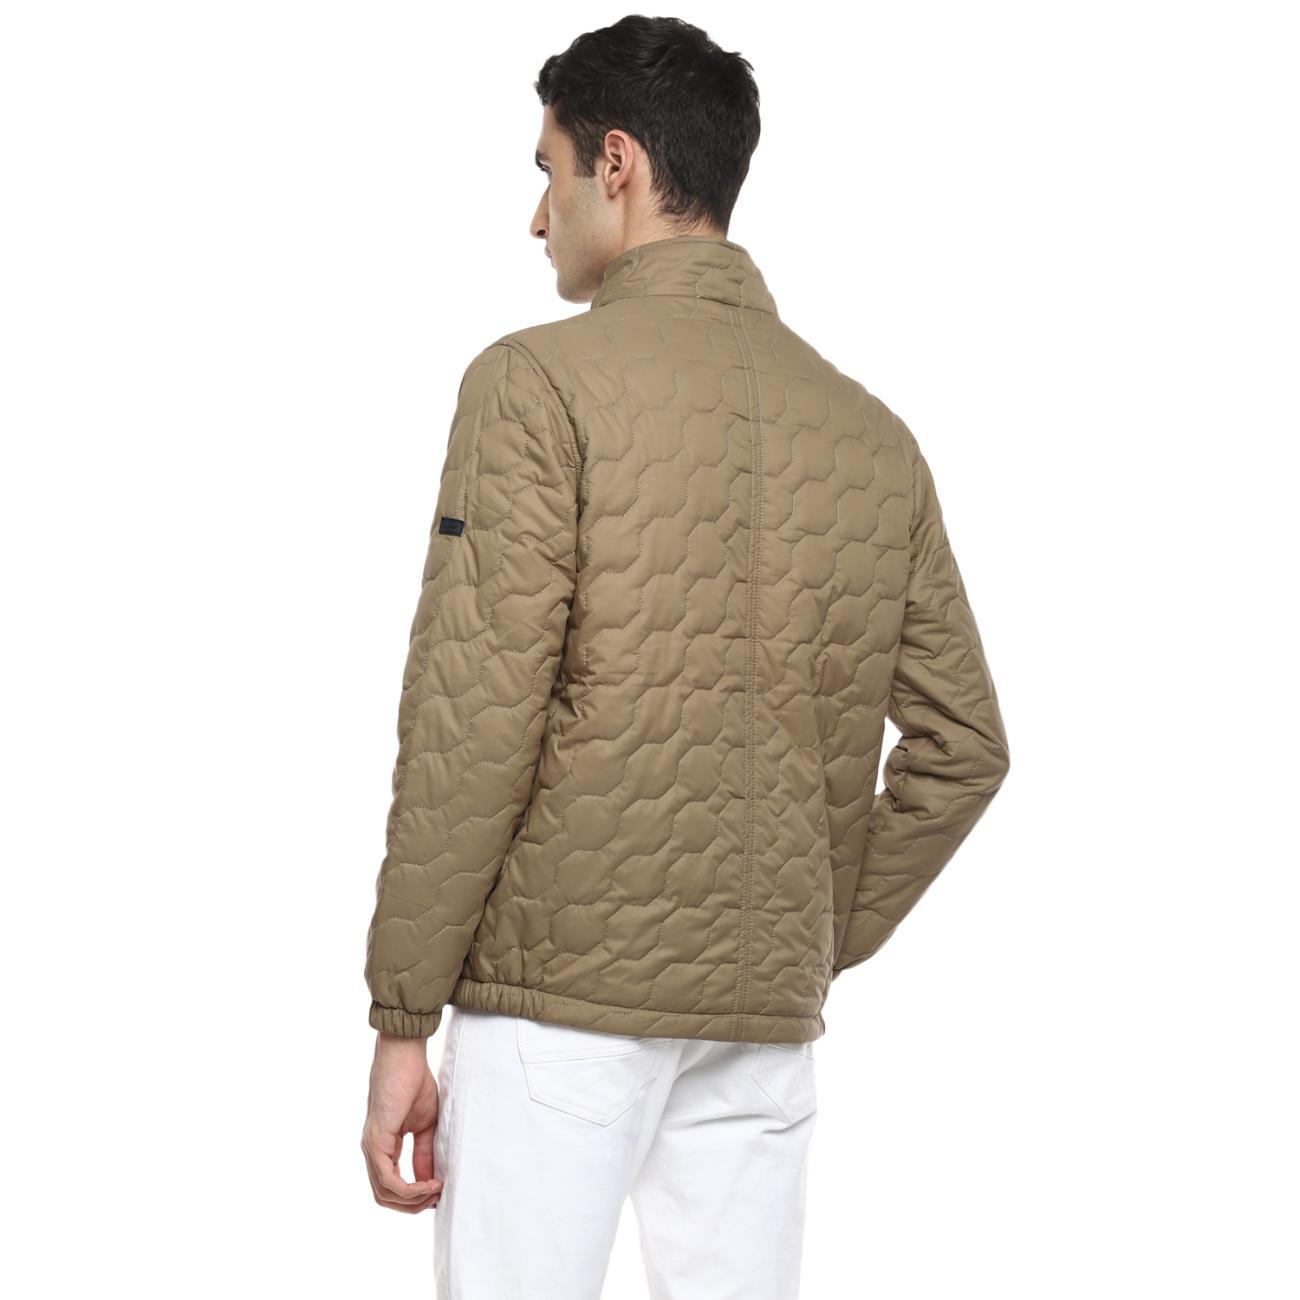 Buy Beige Jacket For Men Online